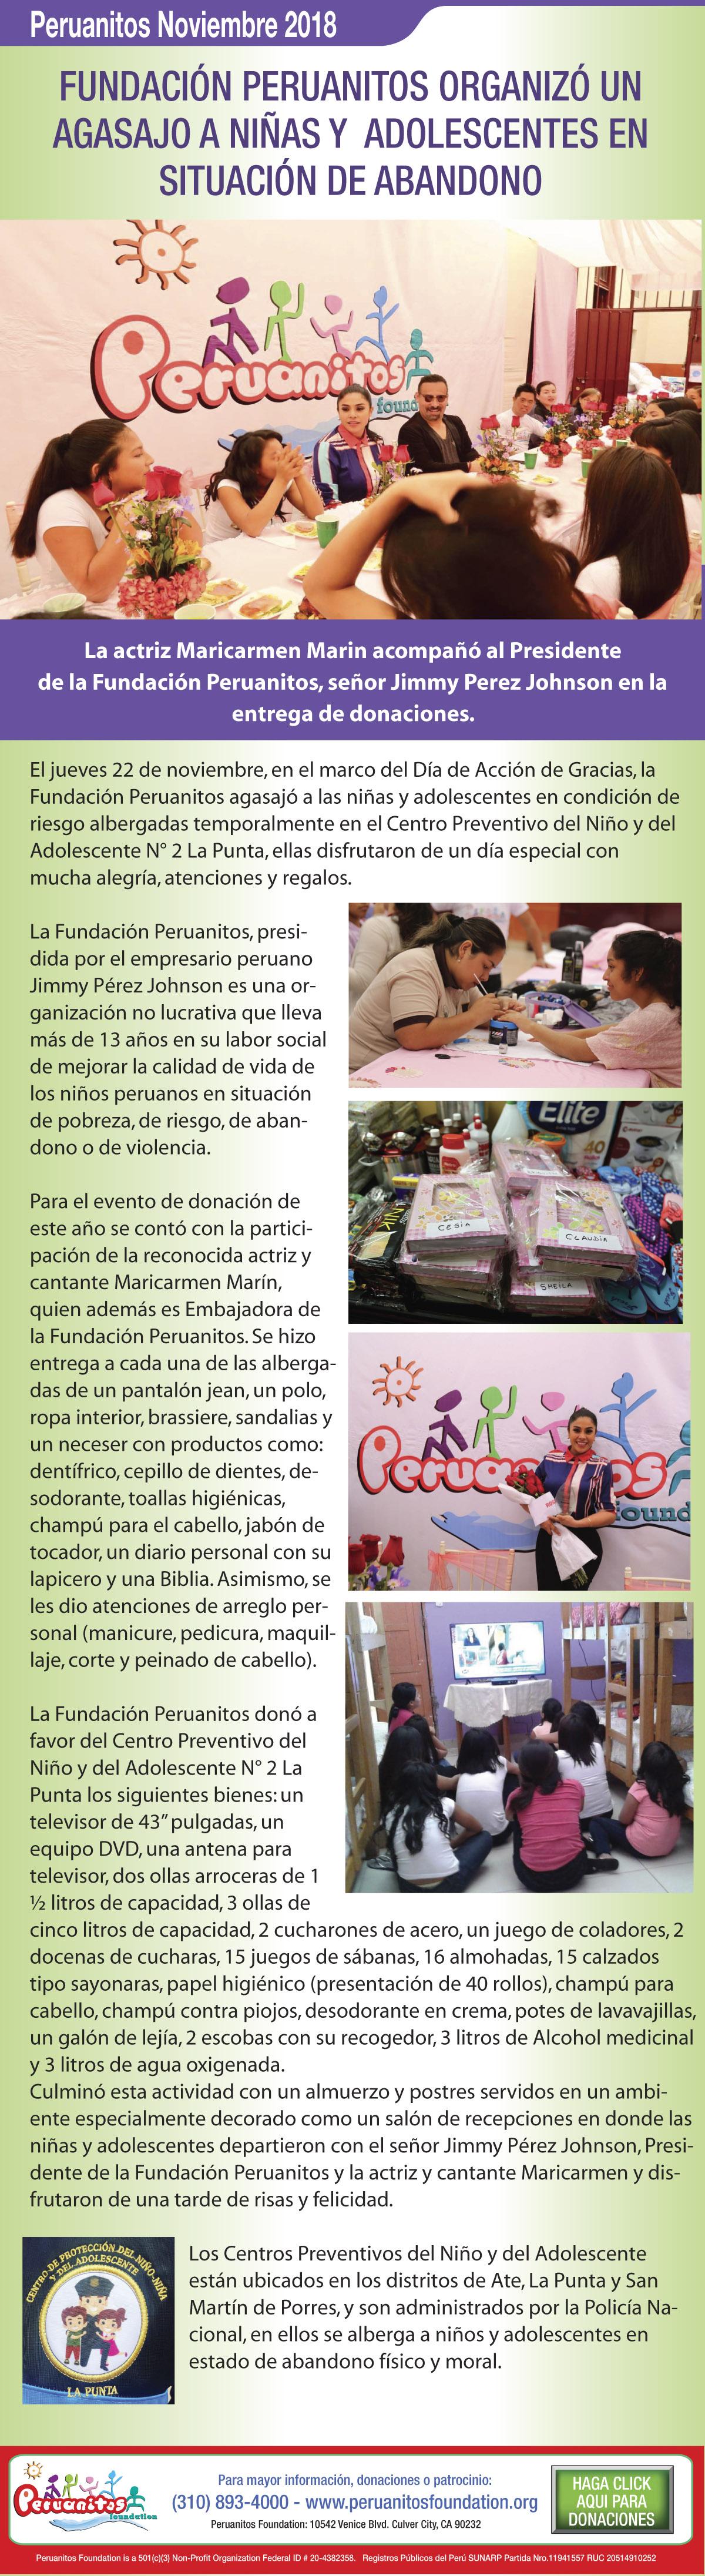 Peruanitos News NOV 2017